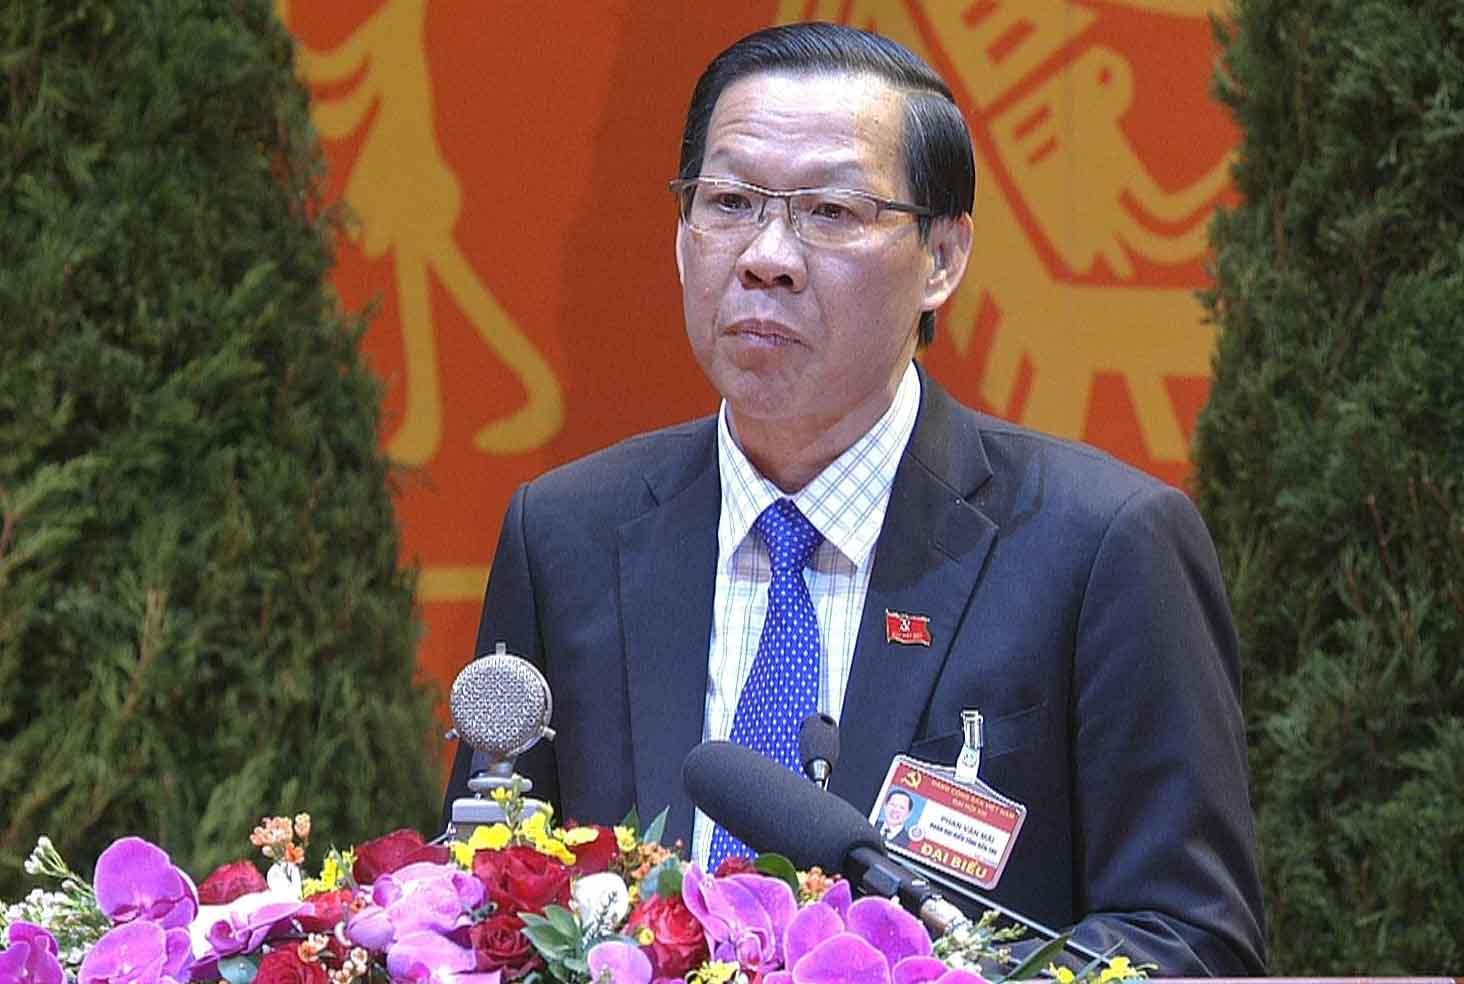 Bí thư Tỉnh ủy Bến Tre Phan Văn Mãi trình bày tham luận